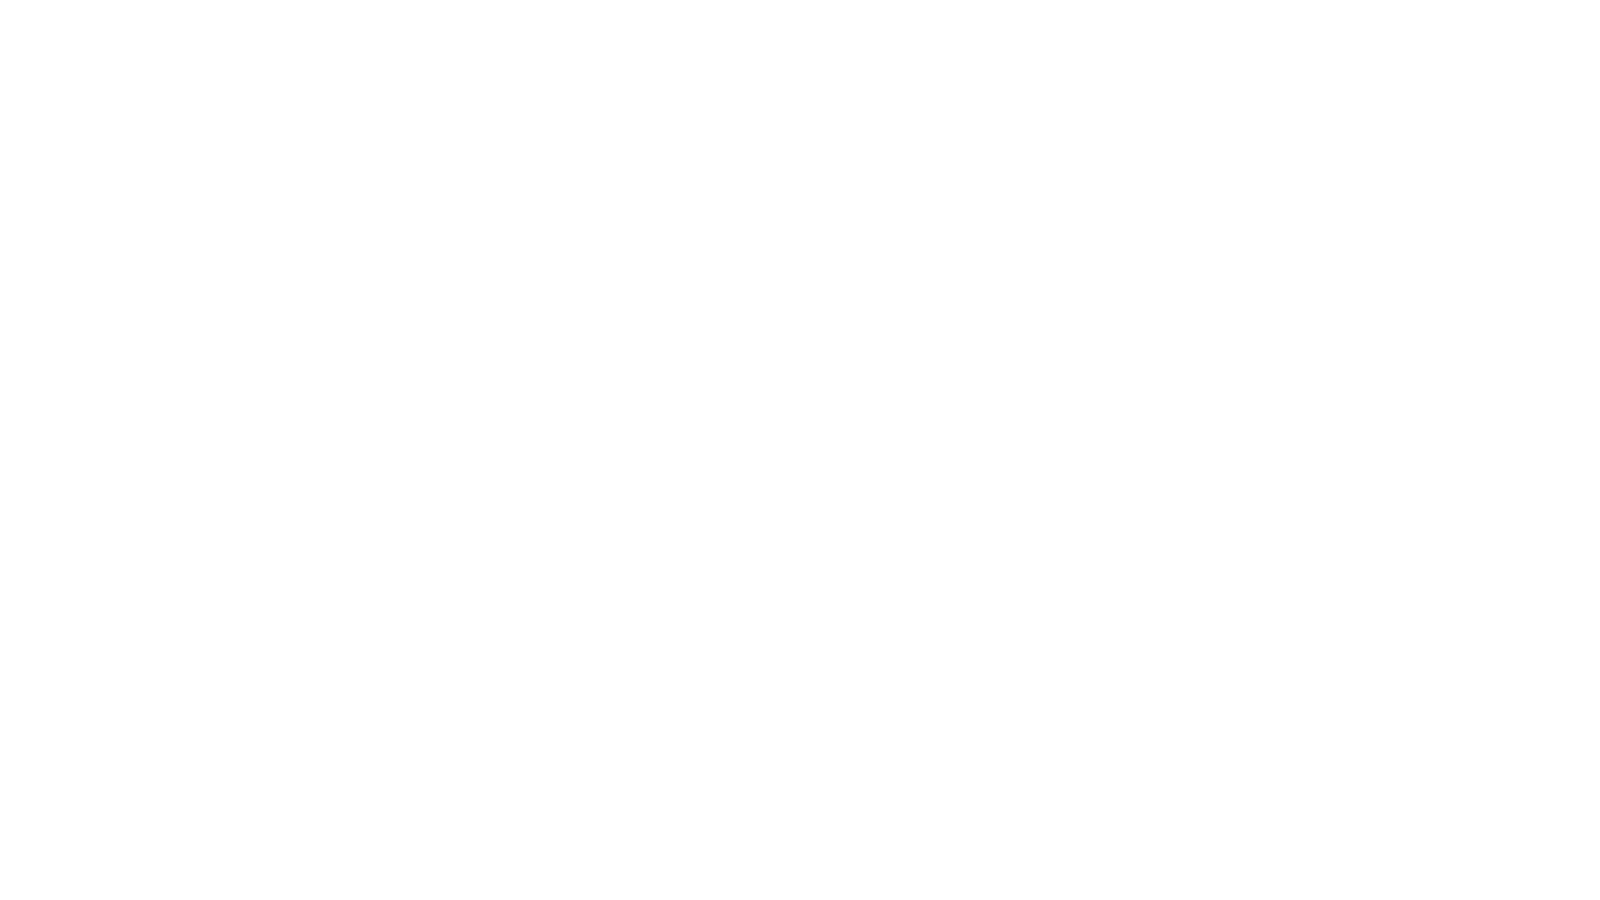 Participe com sua família da celebração do Oitavário de Nossa Senhora da Vitória diretamente da Catedral Metropolitana de Vitória-ES.  ⛪ Conheça a Arquidiocese de Vitória-ES: https://www.aves.org.br/   😍 Siga nossas redes sociais:  Facebook:  https://www.facebook.com/catedralvix/  Instagram: https://www.instagram.com/catedralvix/?hl=pt  Acesse: https://linktr.ee/catedralvix